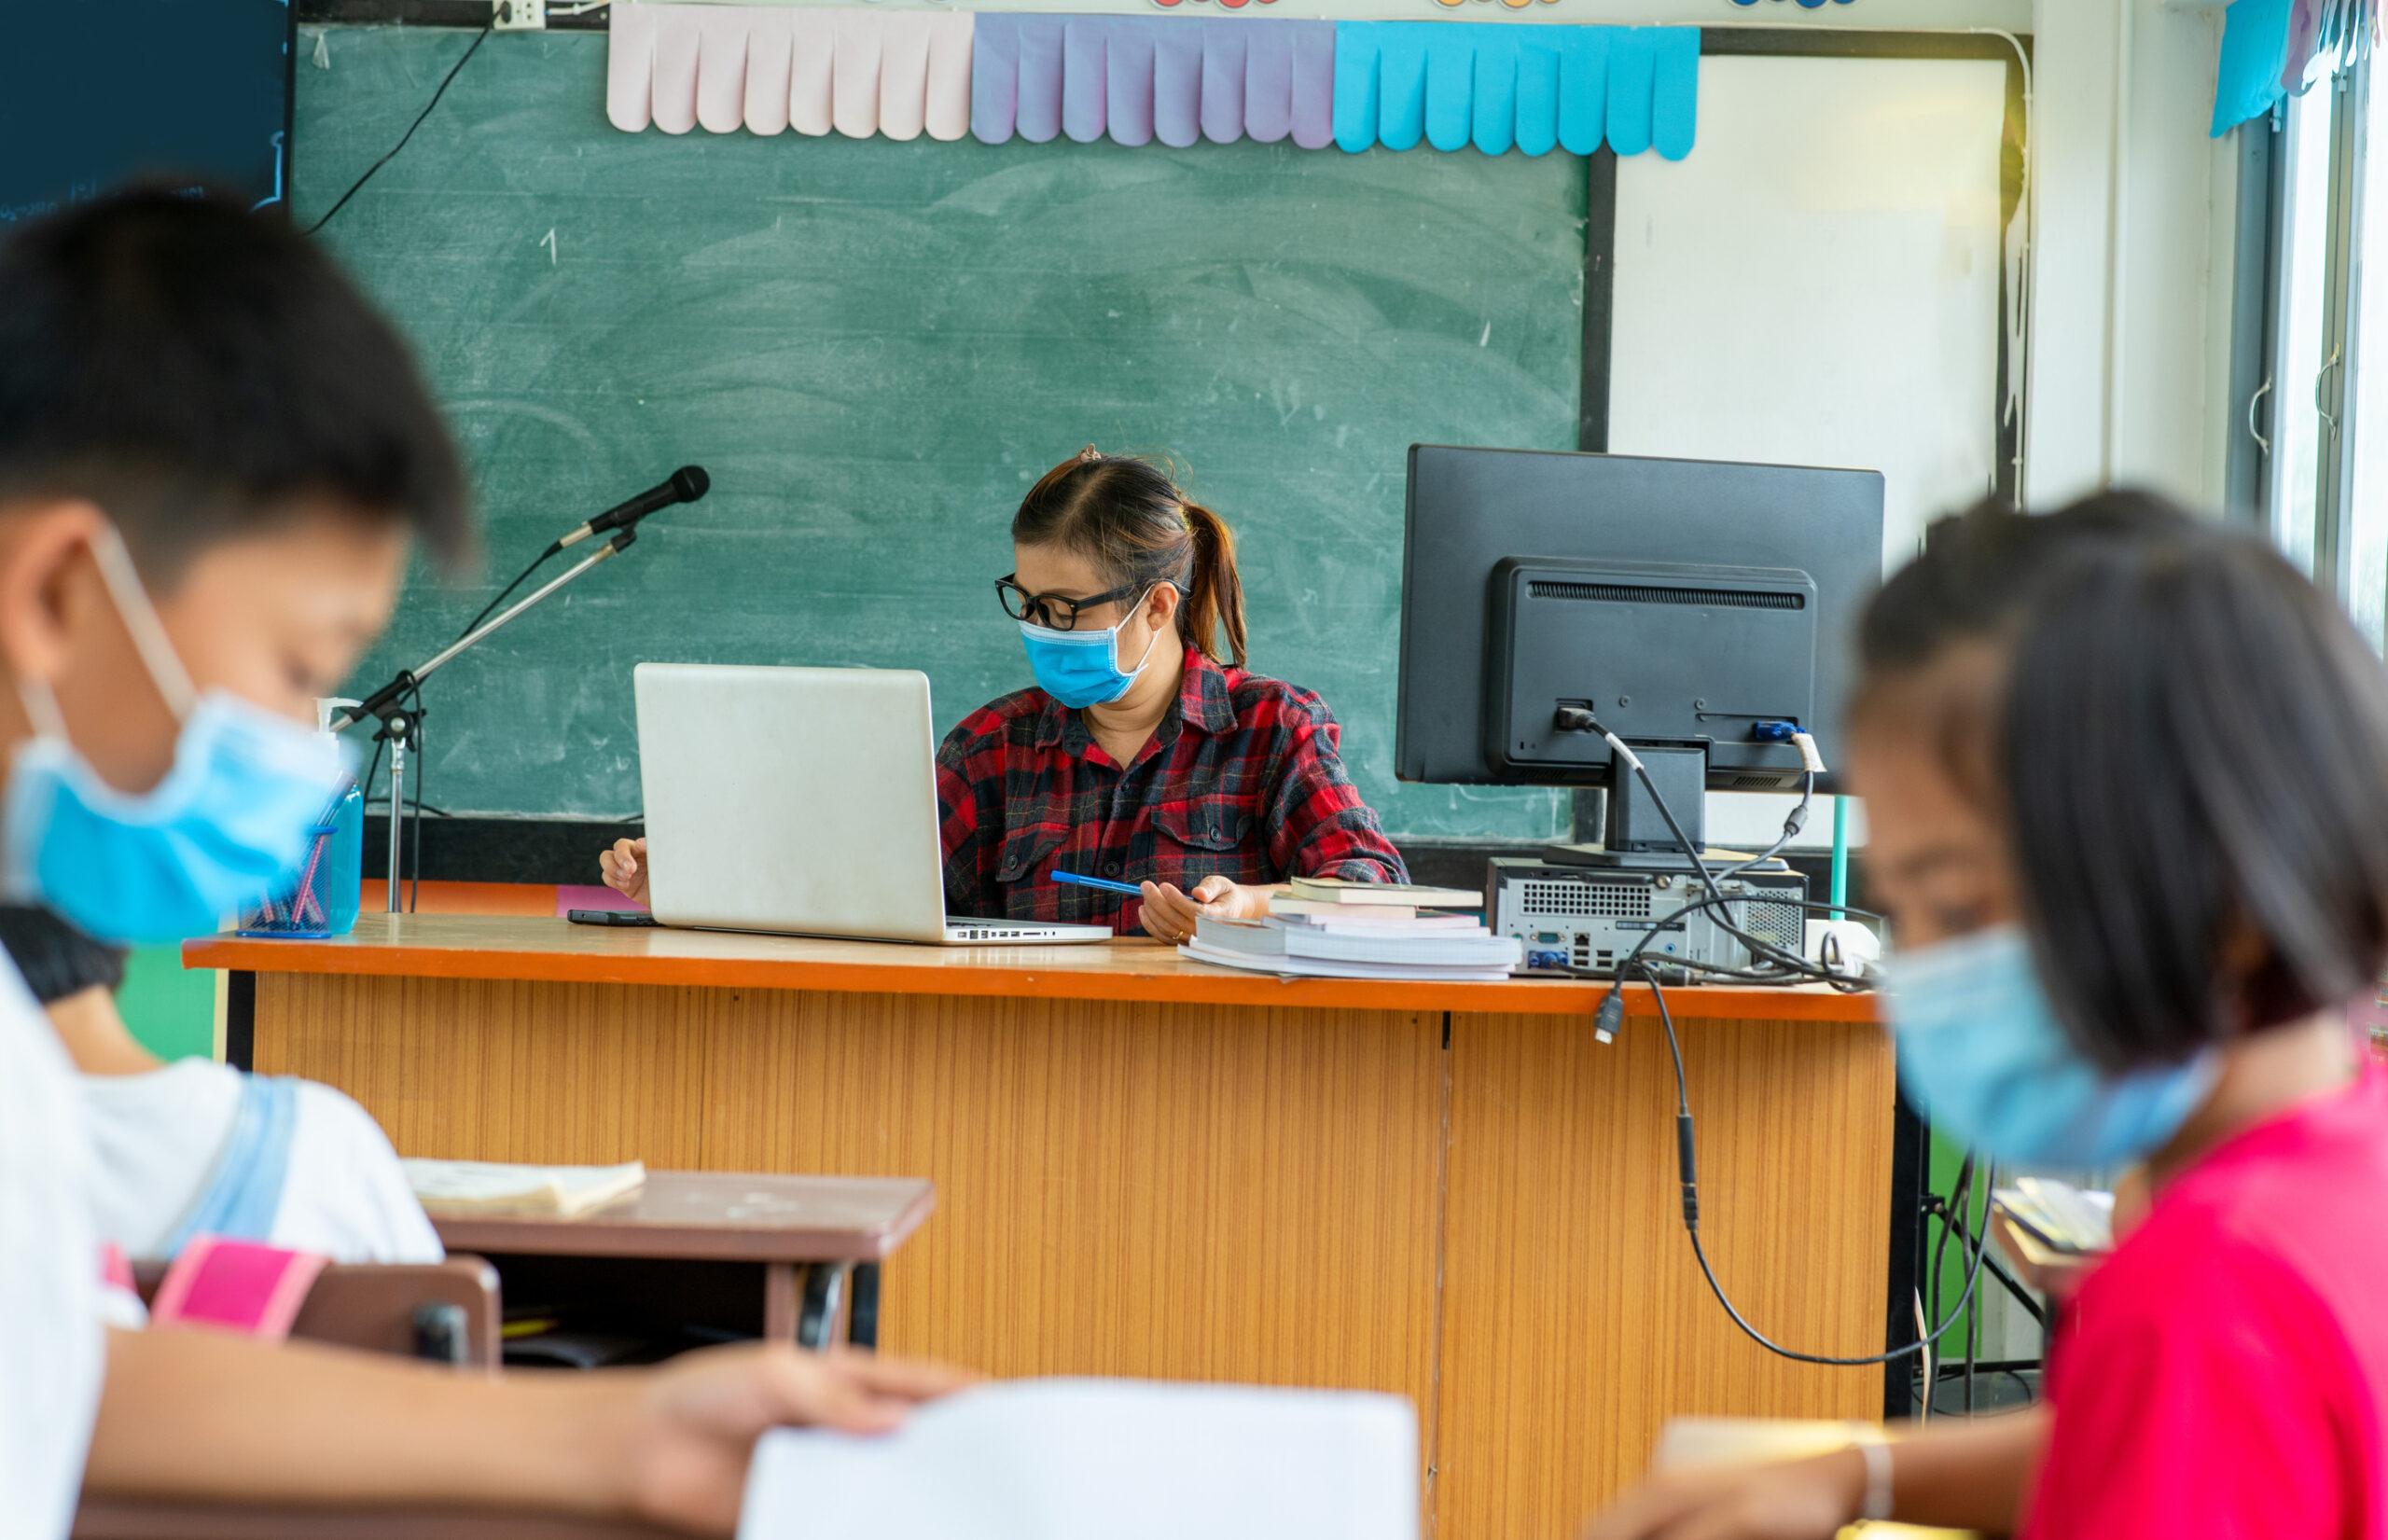 Ministerul Educaţiei a anunțat acum! Ce se întâmplă cu școlile